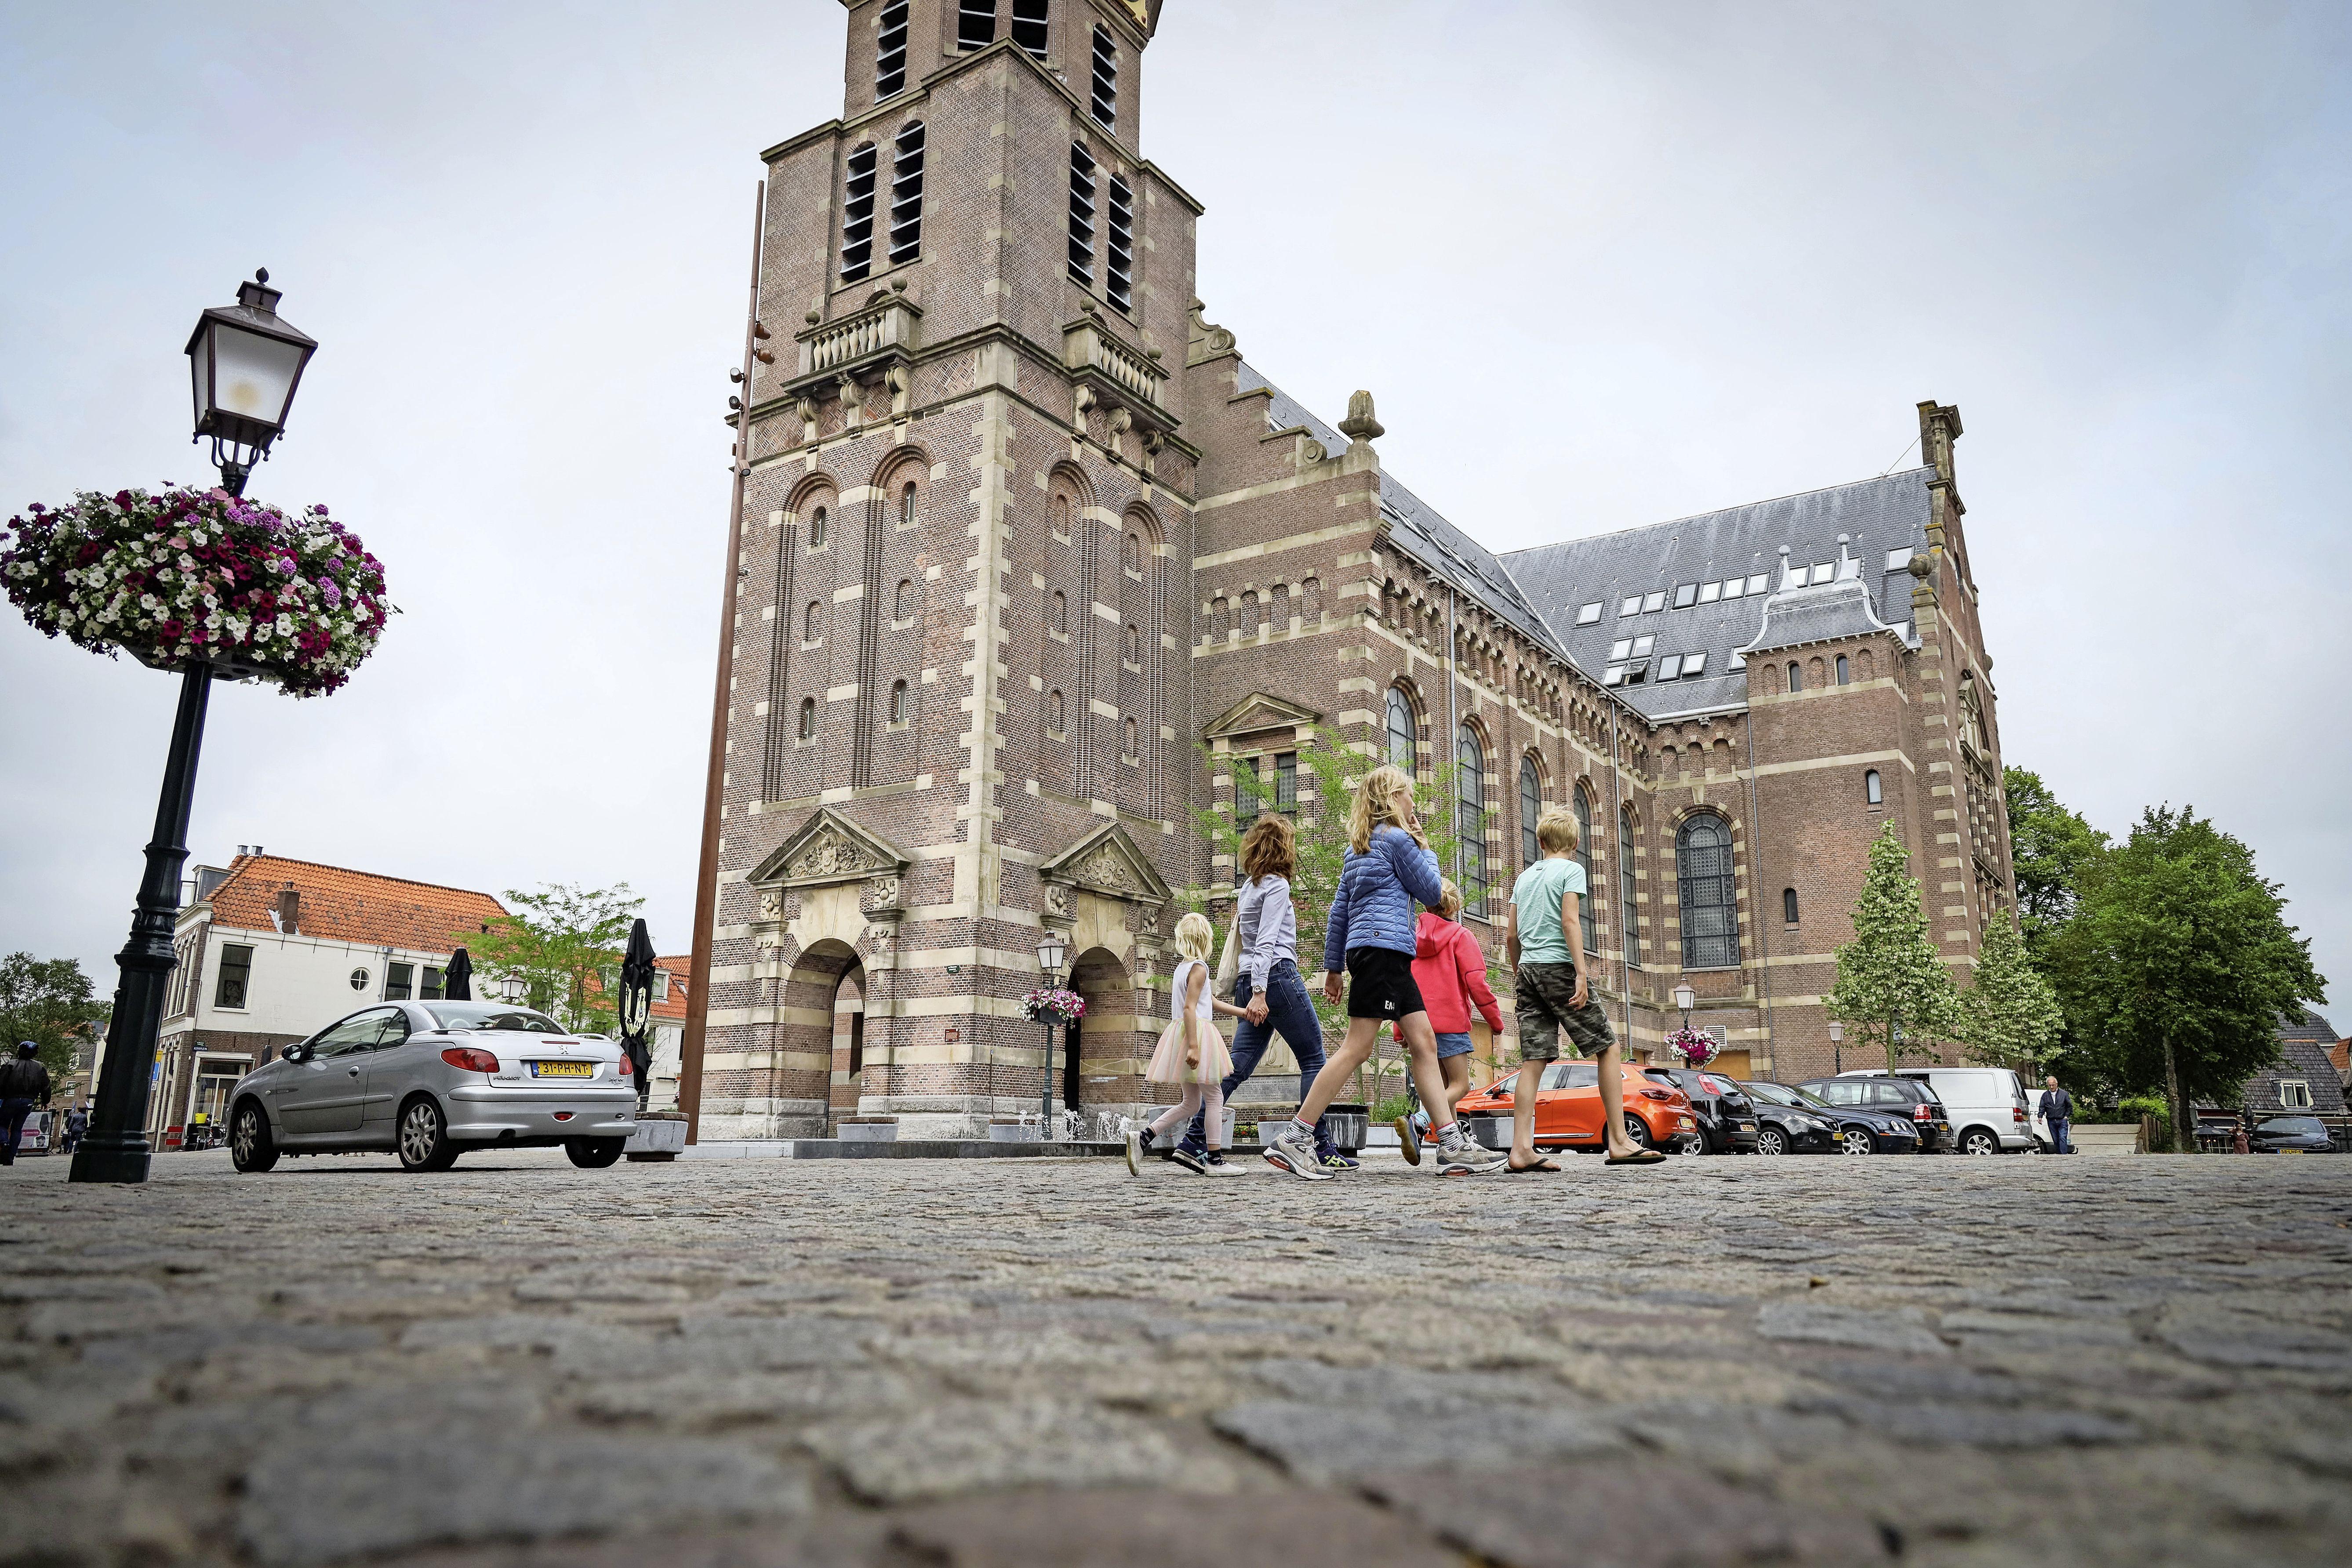 Hoorn wil rond 2027 'zero-emissiezone' invoeren voor vrachtverkeer in binnenstad